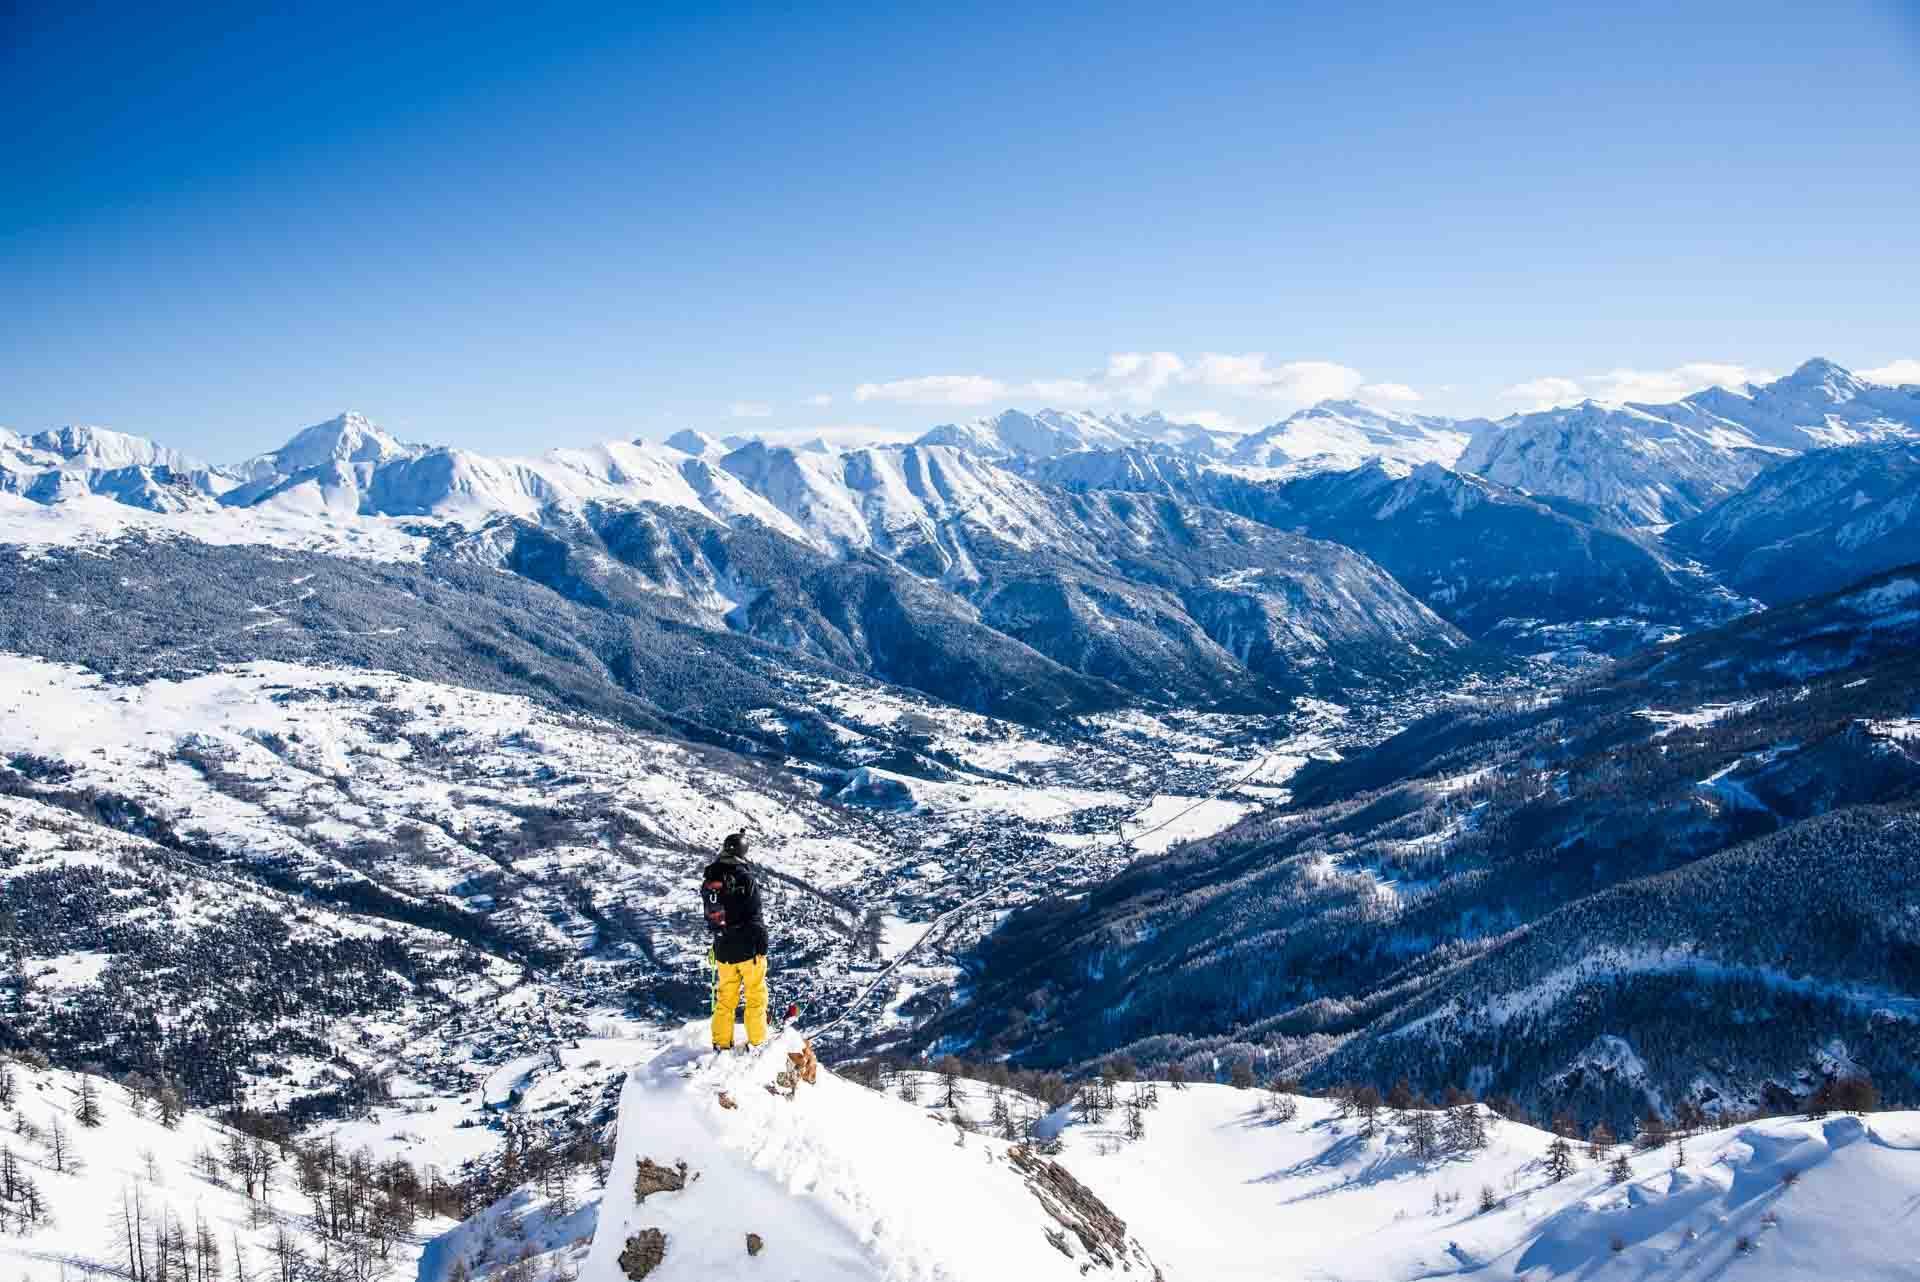 La large vallée de Serre Chevalier s'étend au pied du domaine skiable © Luka Leroy